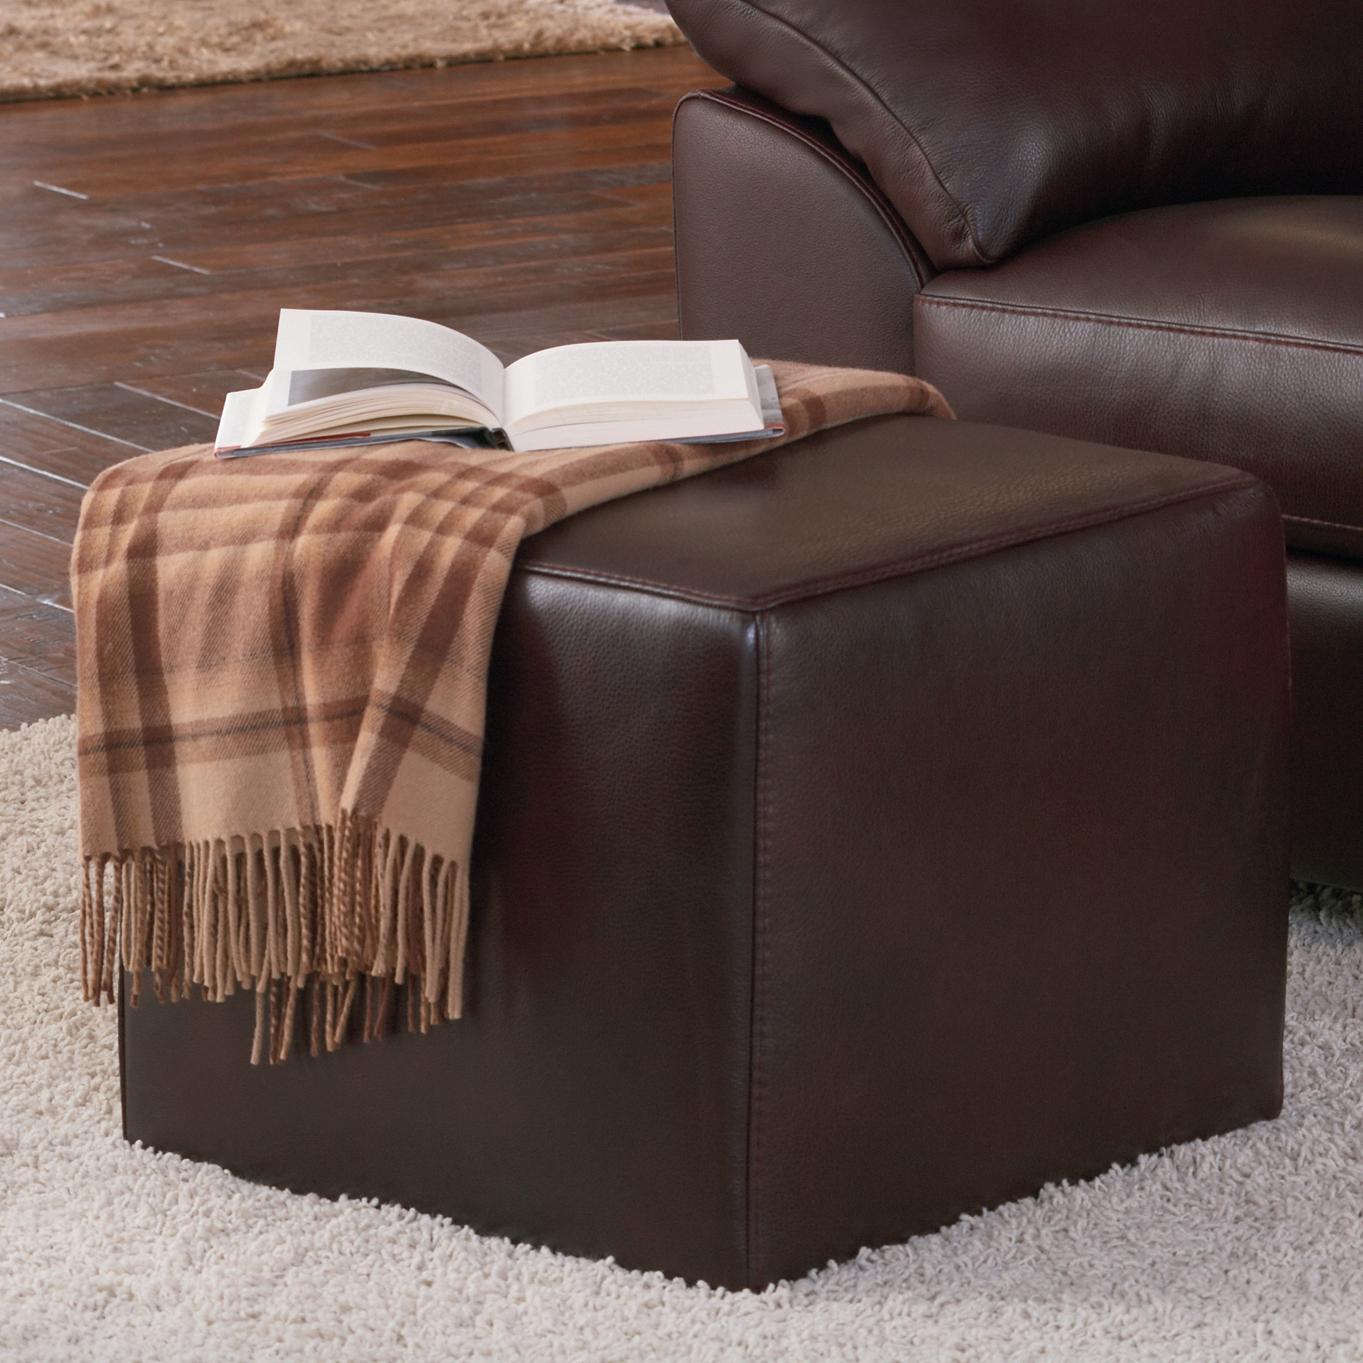 Natuzzi Editions B632 Leather Cube Ottoman